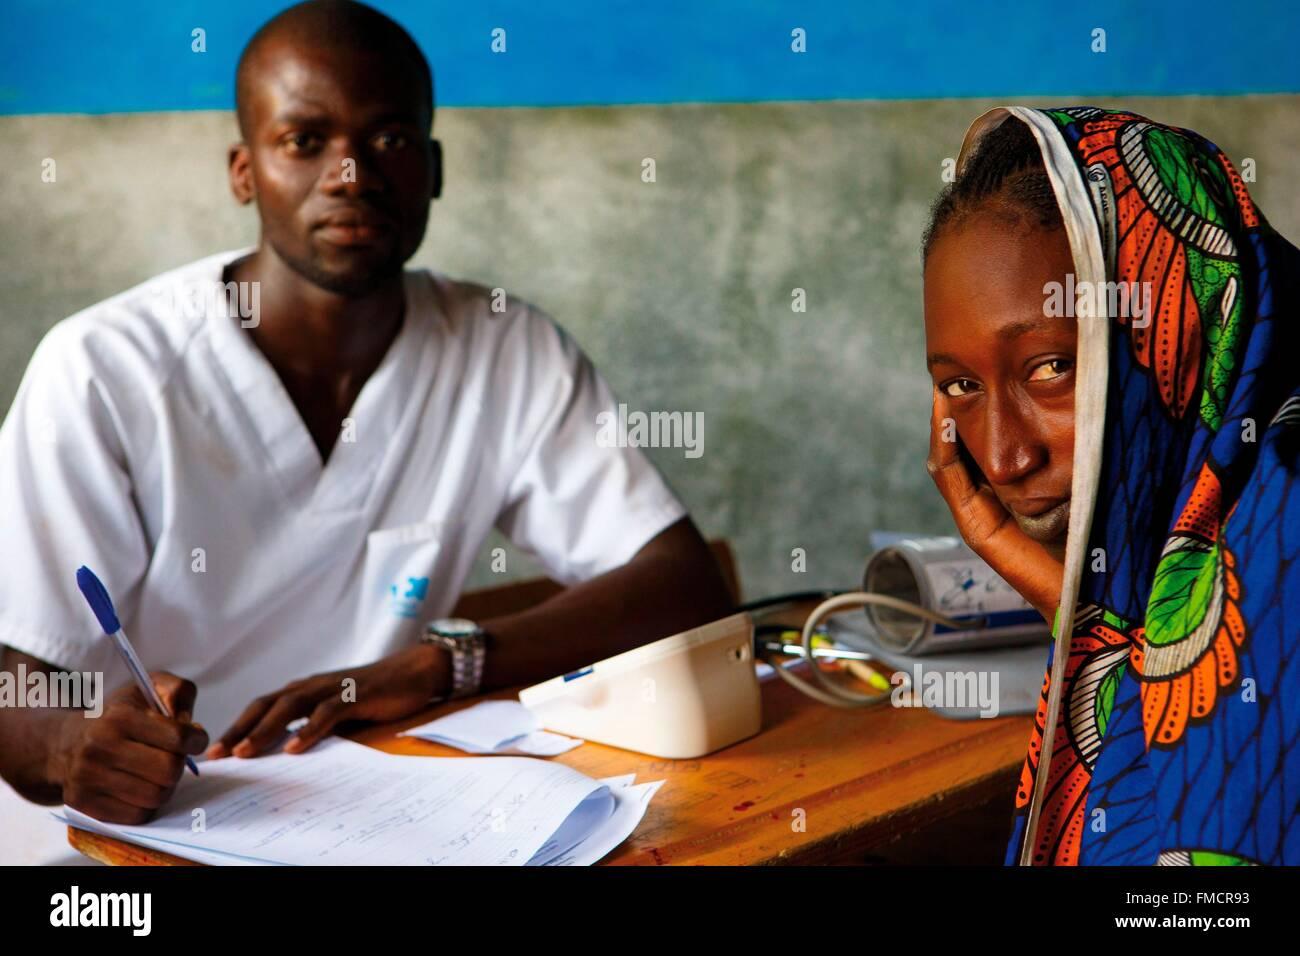 Il Senegal, il Sahel, regione Ferlo, Widou Thiengoly, consultazione clinica Immagini Stock